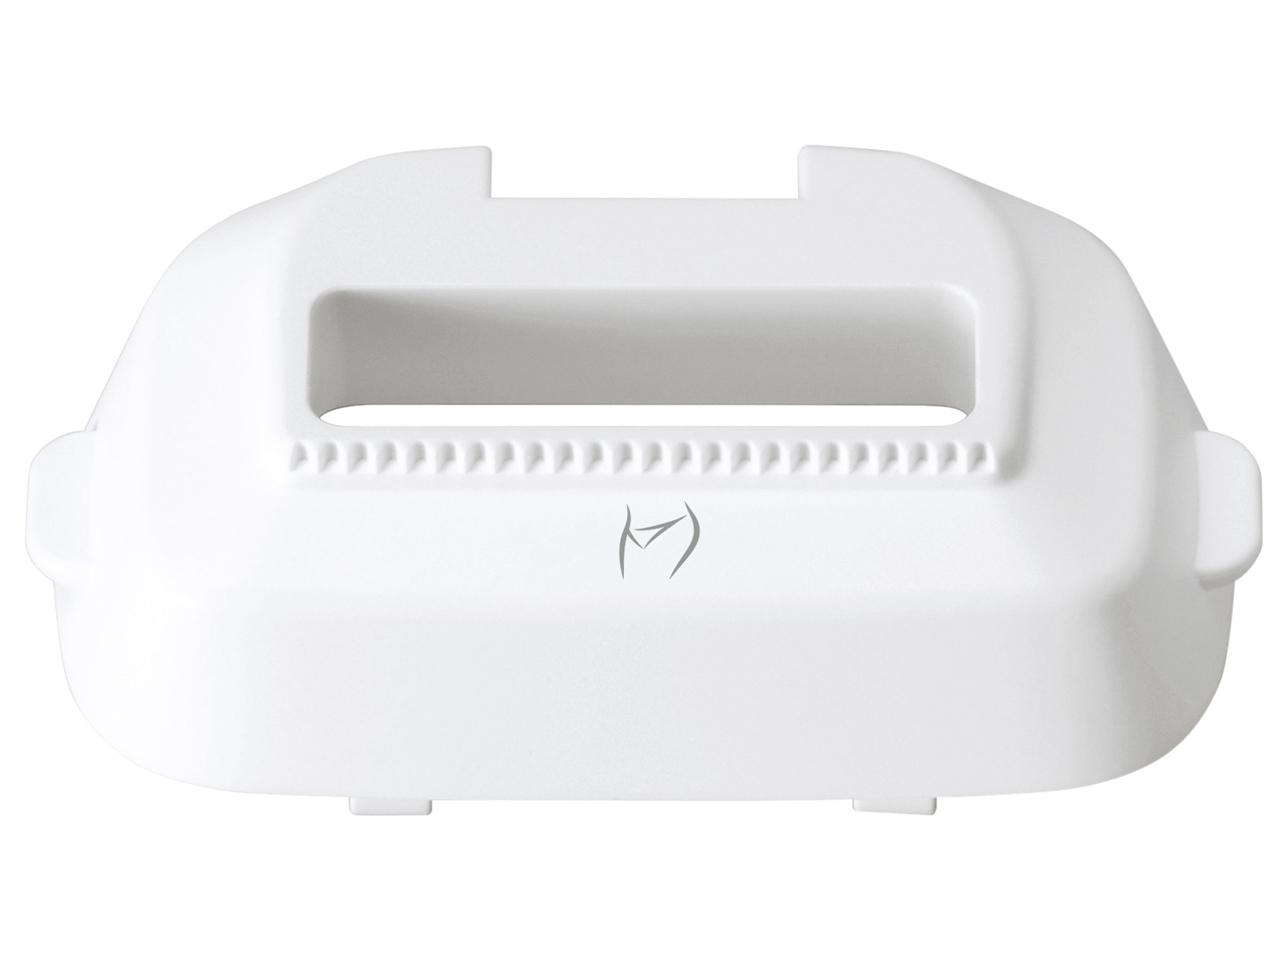 『付属品 ビキニライン用アタッチメント』 光エステ ES-WP81 の製品画像